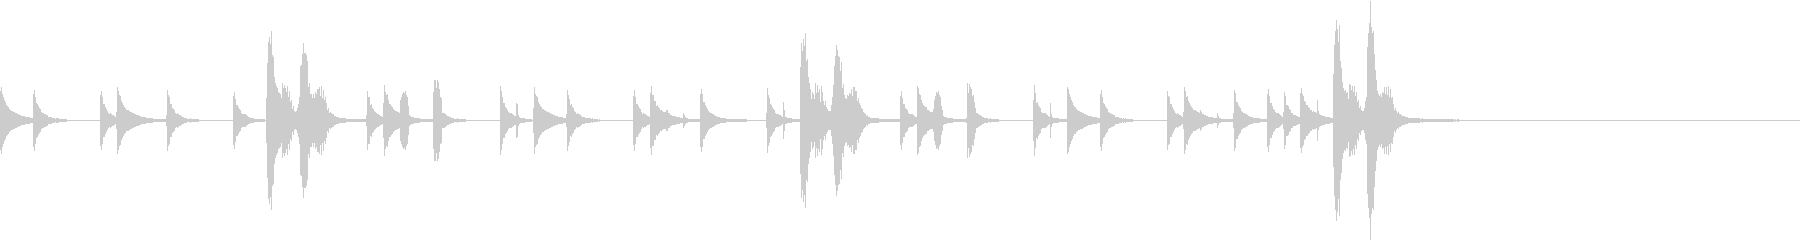 ウクレレ 打楽器ほのぼの日常 ジングル2の未再生の波形